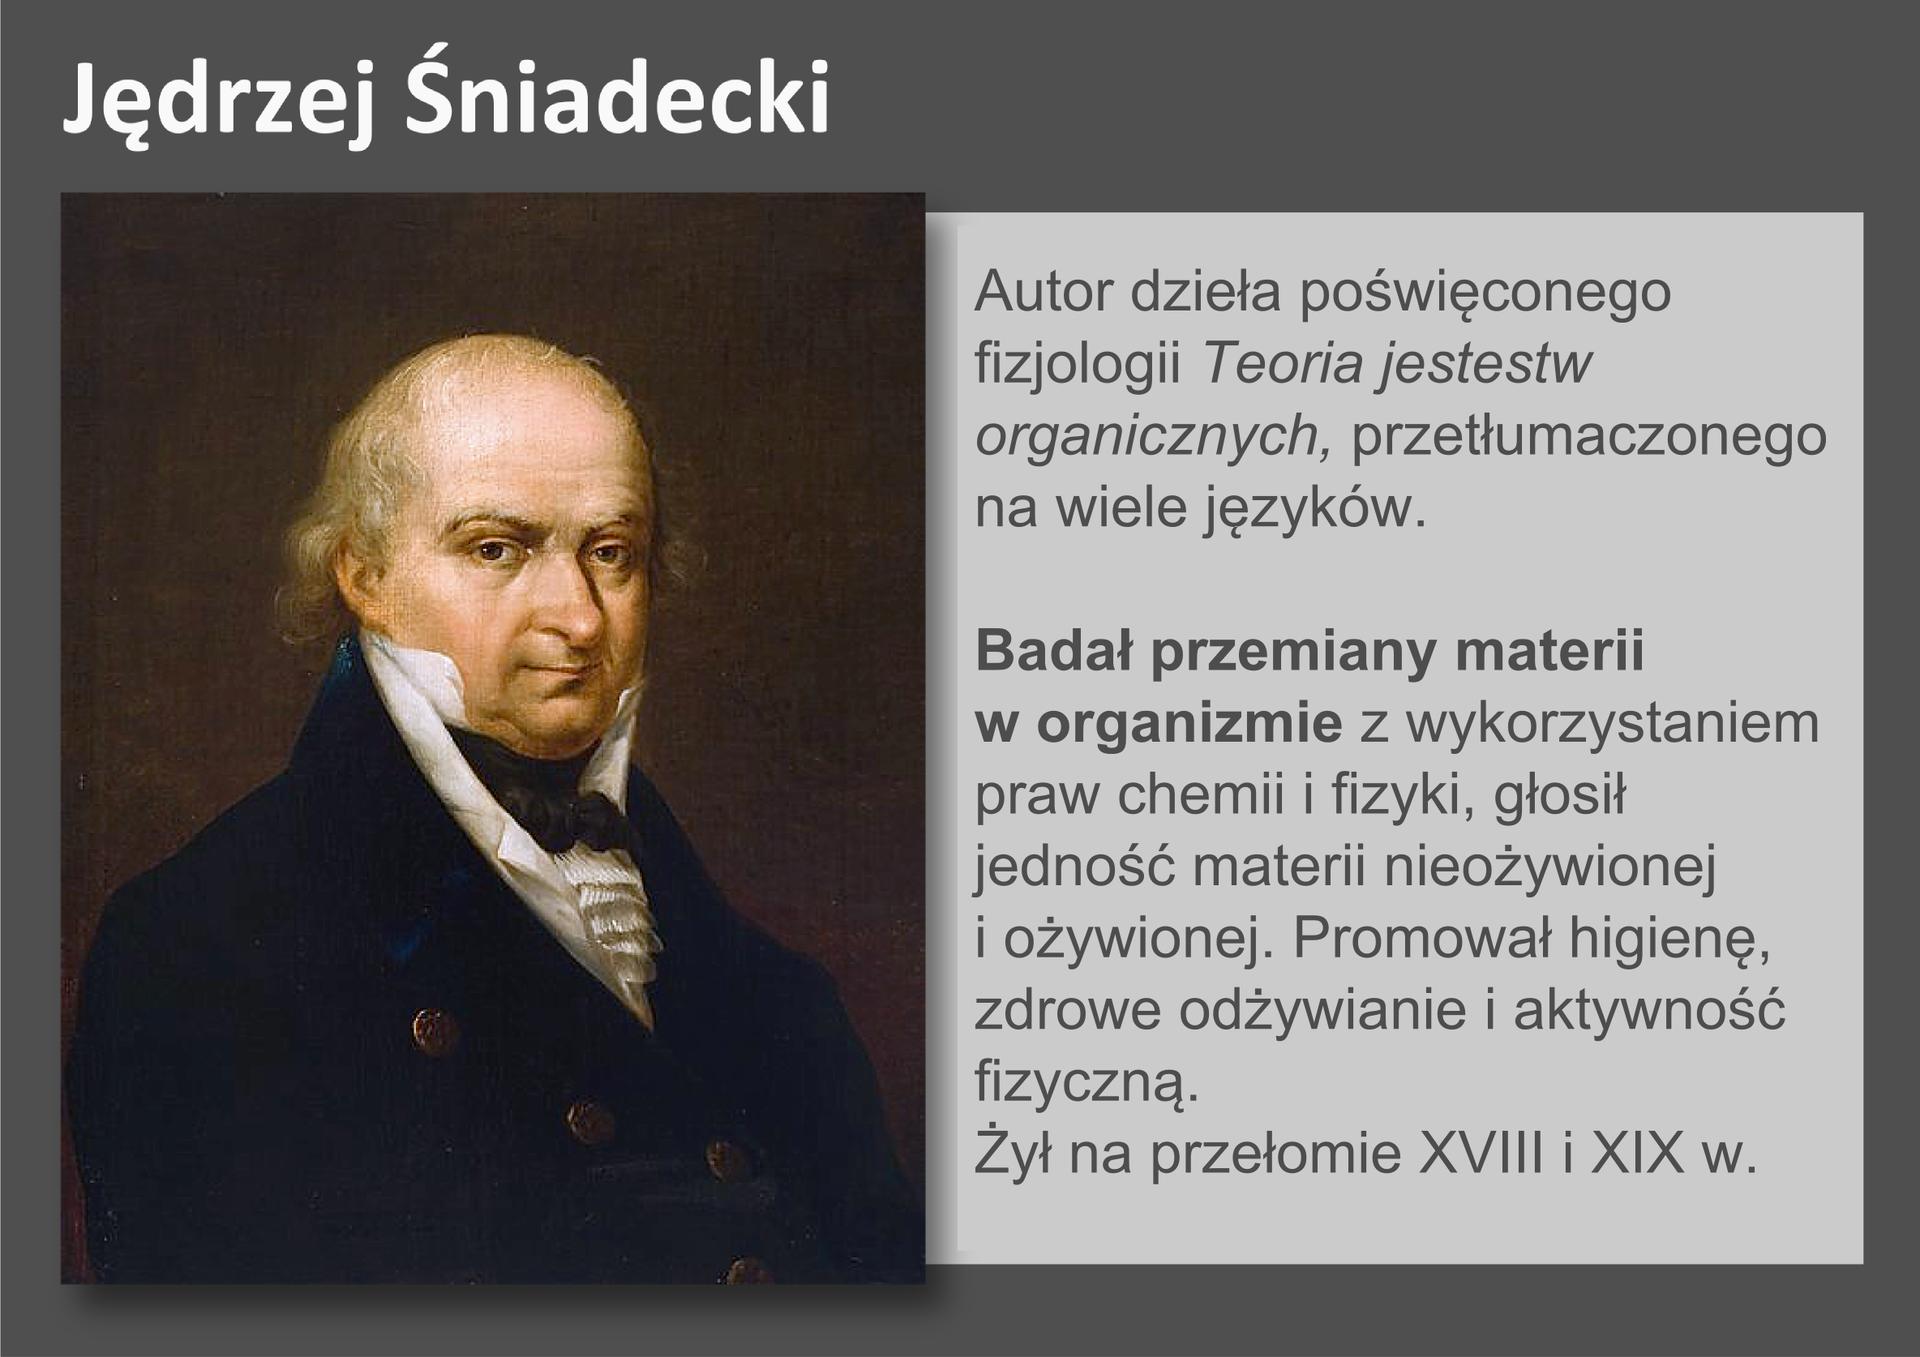 Galeria przedstawia pionierów nauk przyrodniczych. Składa się zdziewięciu slajdów wpostaci ilustracji iumieszczonego obok opisu. Ilustracje pojawiają się kolejno, kiedy klika się wstrzałki, znajdujące się po prawej ilewej stronie ilustracji. Czwarty slajd to kolorowy portret polskiego uczonego, Jędrzeja Śniadeckiego, który żył na przełomie dziewiętnastego idwudziestego wieku. Nie ma peruki, widać łysinę itrochę siwych włosów. Ubrany jest wczarny surdut , białą kamizelkę ikoszulę, apod szyją ma zawiązany czarny fular (szalik). Śniadecki badał fizyczne ichemiczne przemiany materii worganizmie, promował higienę, zdrowe odżywianie iaktywność fizyczną.